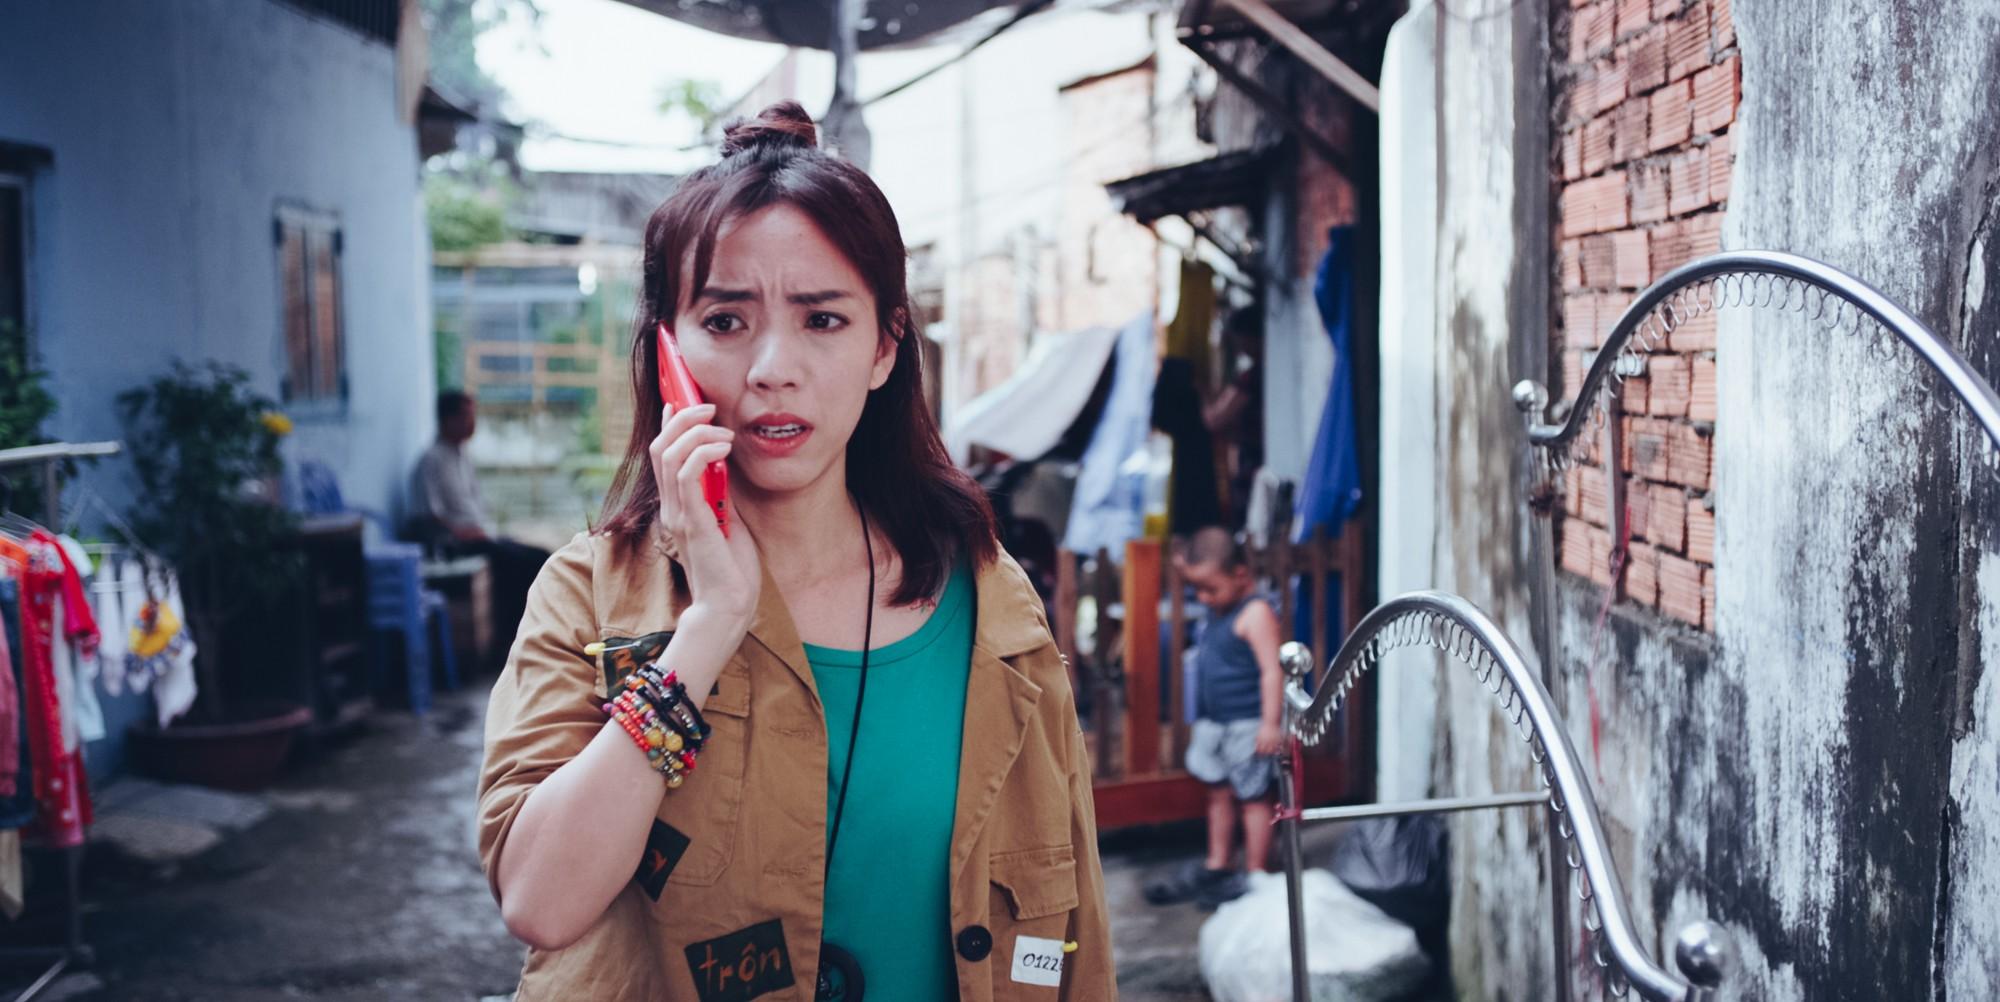 Đại Nghĩa hóa nữ vương phòng trà, ra lệnh cho Dustin Nguyễn dâng hiến... đời trai - Ảnh 2.